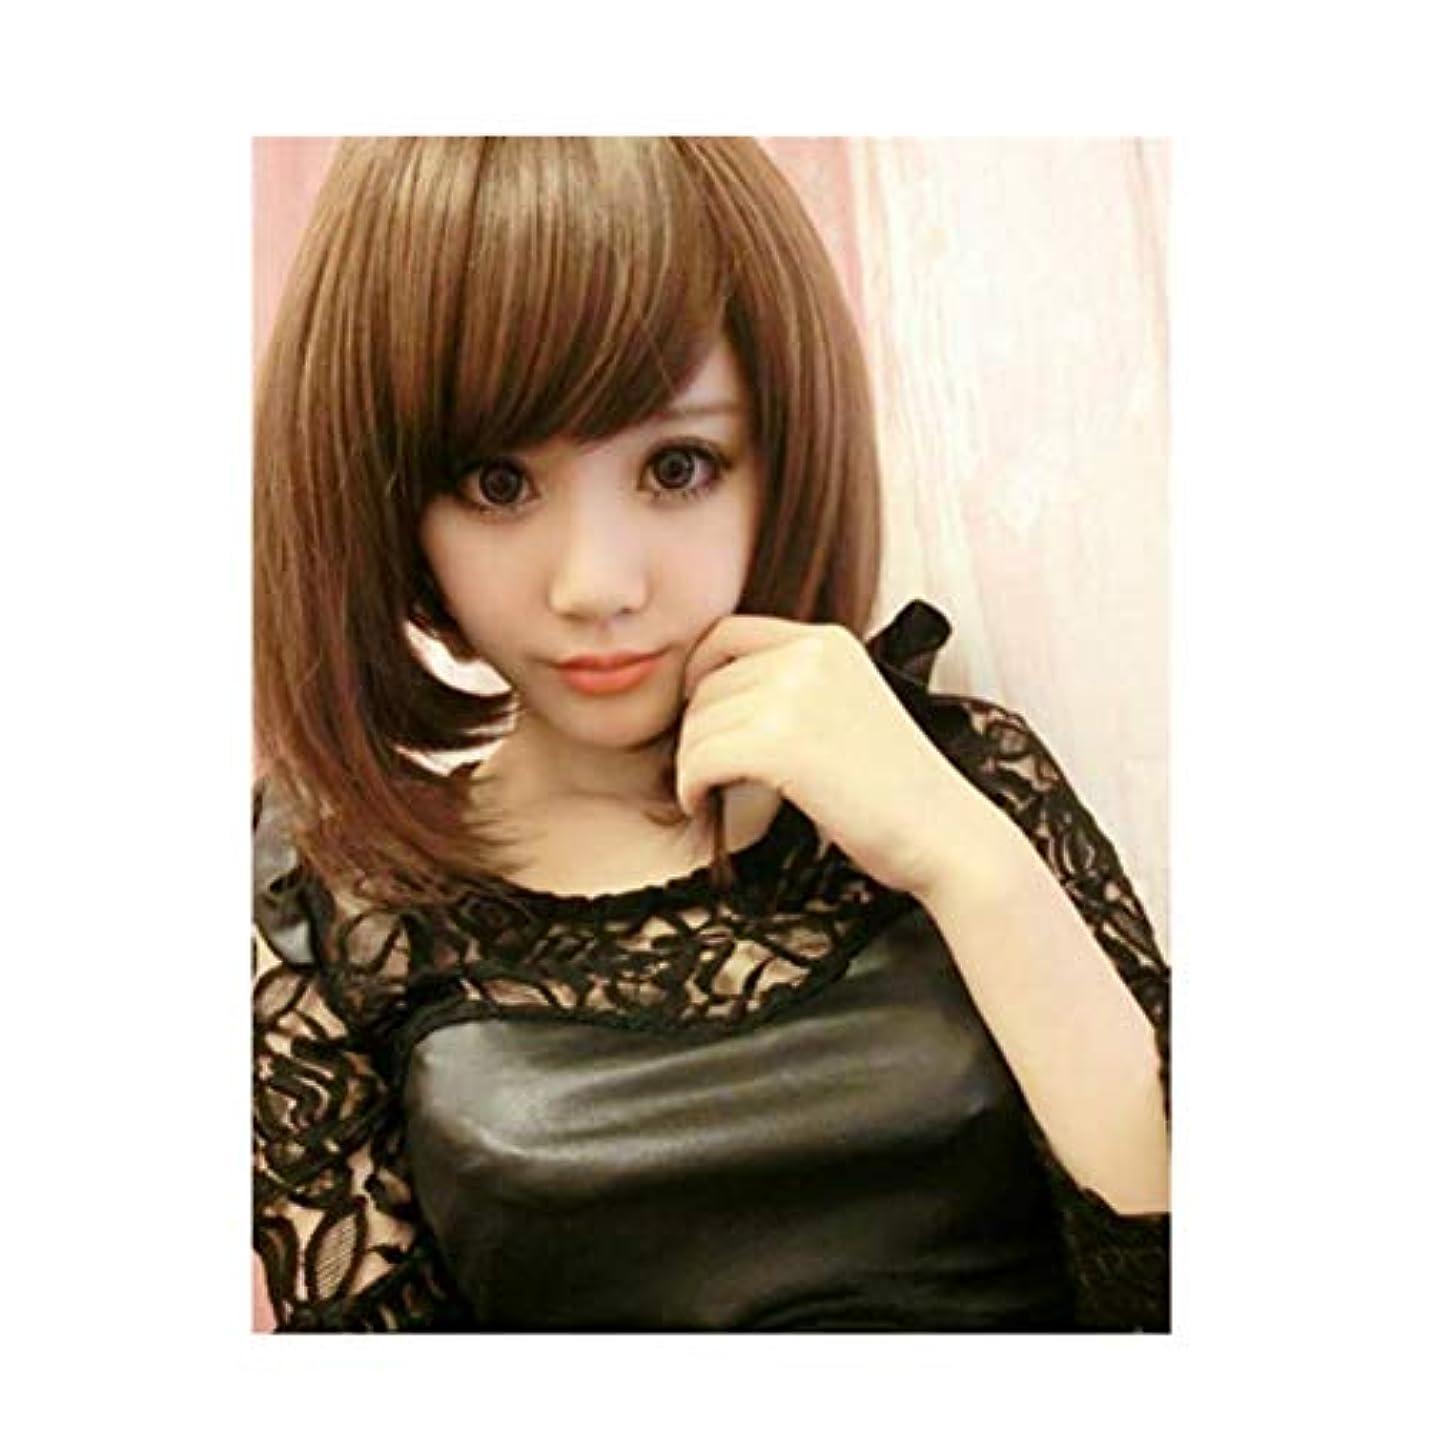 冷蔵する動揺させる事故かつら女性の茶色の斜め前髪化学繊維ショートヘア高温ワイヤーLH2201 (ライトブラウン)